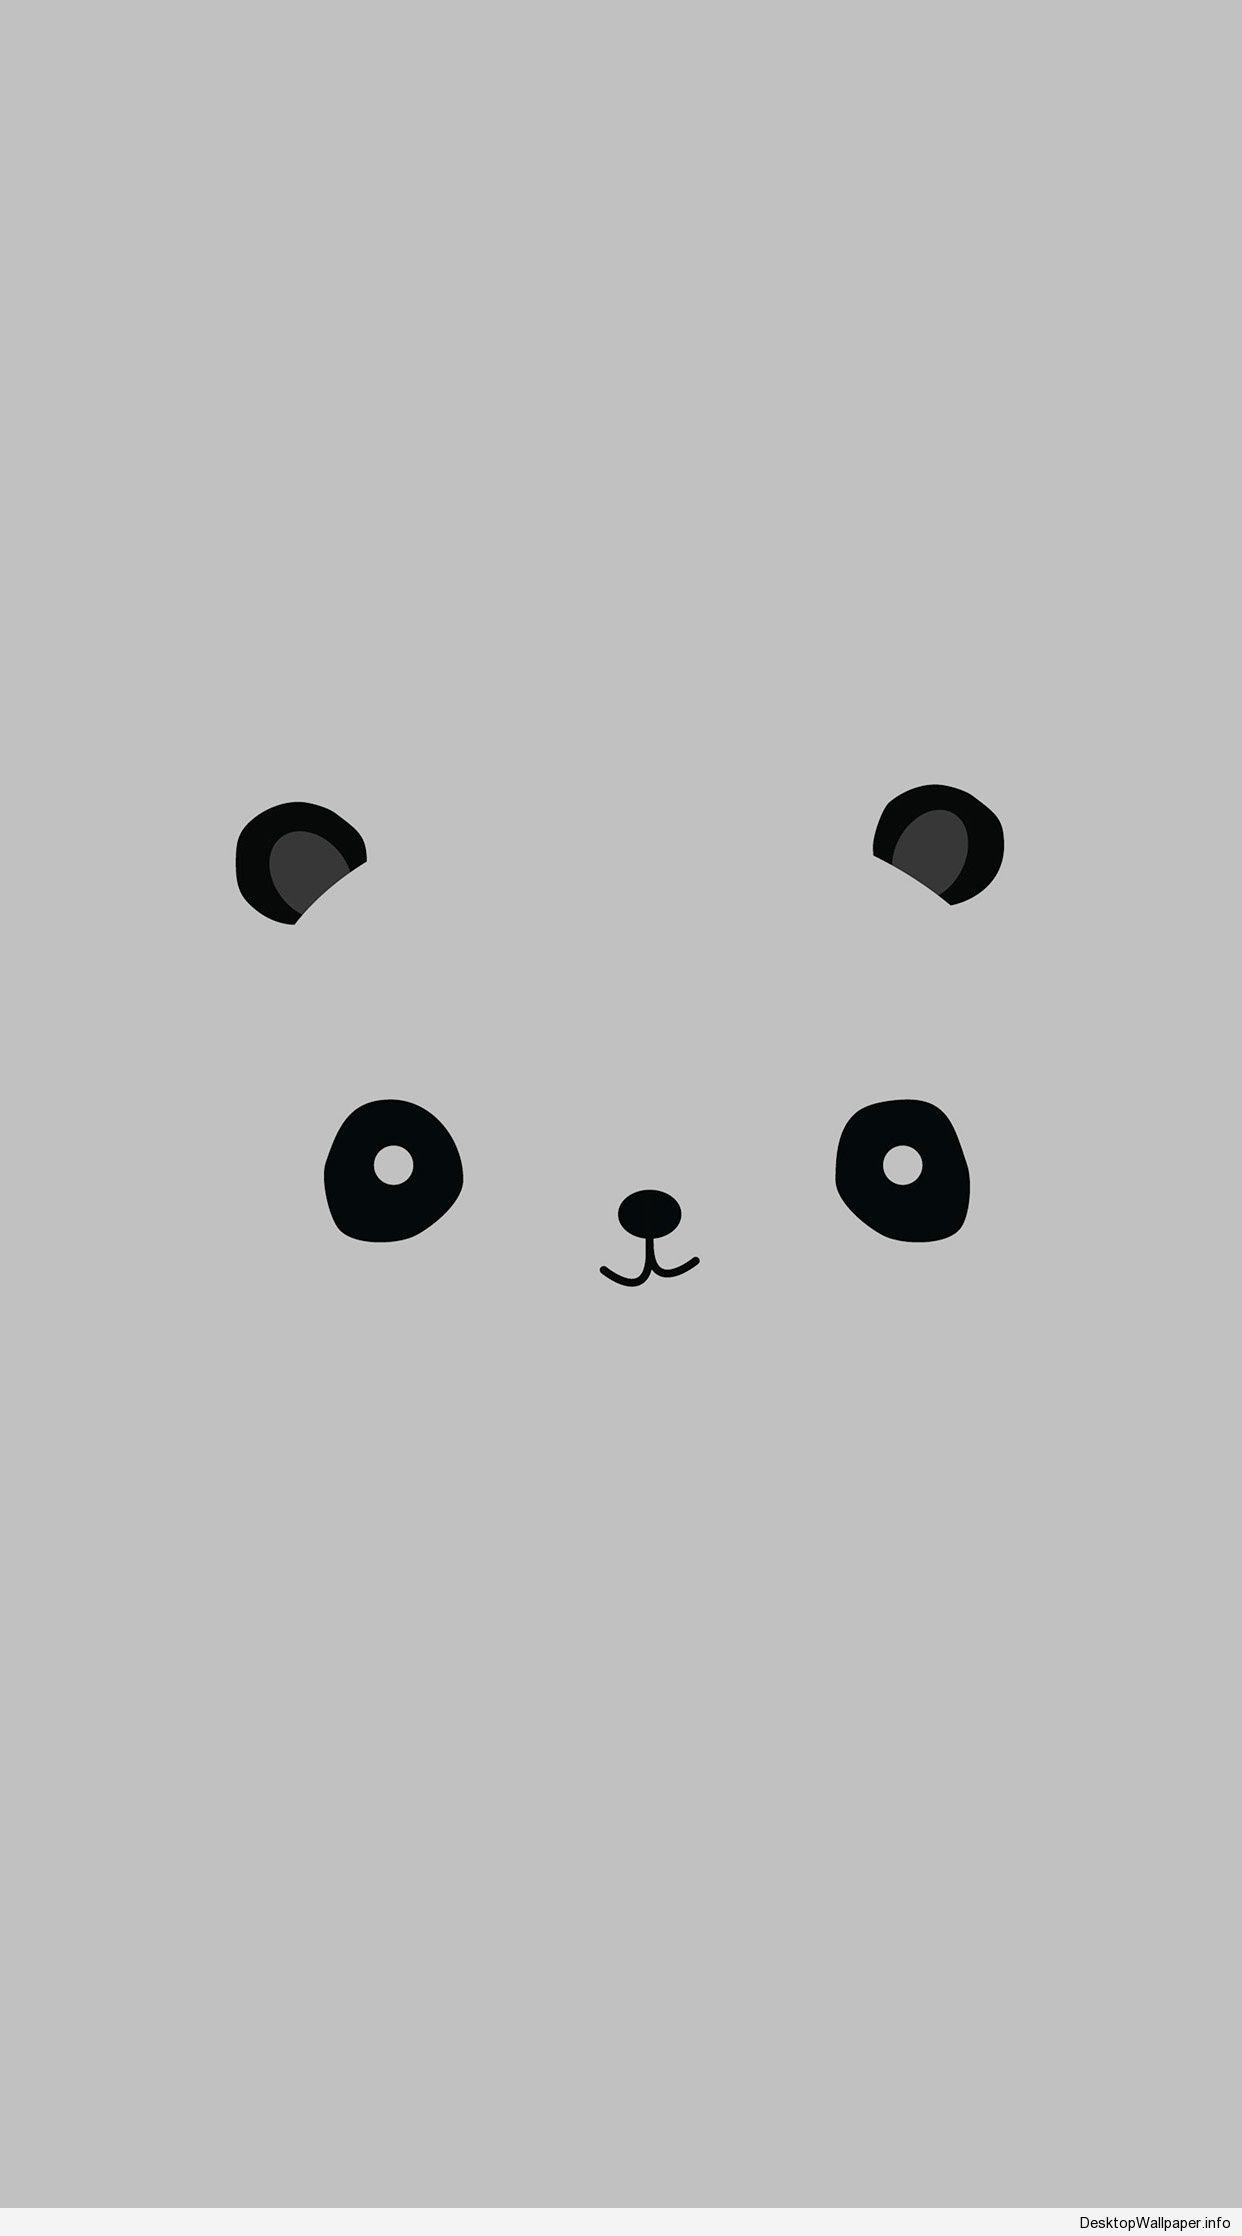 Panda Wallpaper Android Http Desktopwallpaper Info Panda Wallpaper Android 10489 Android Panda Wallpaper Gambar Kelinci Boneka Hewan Wallpaper Iphone